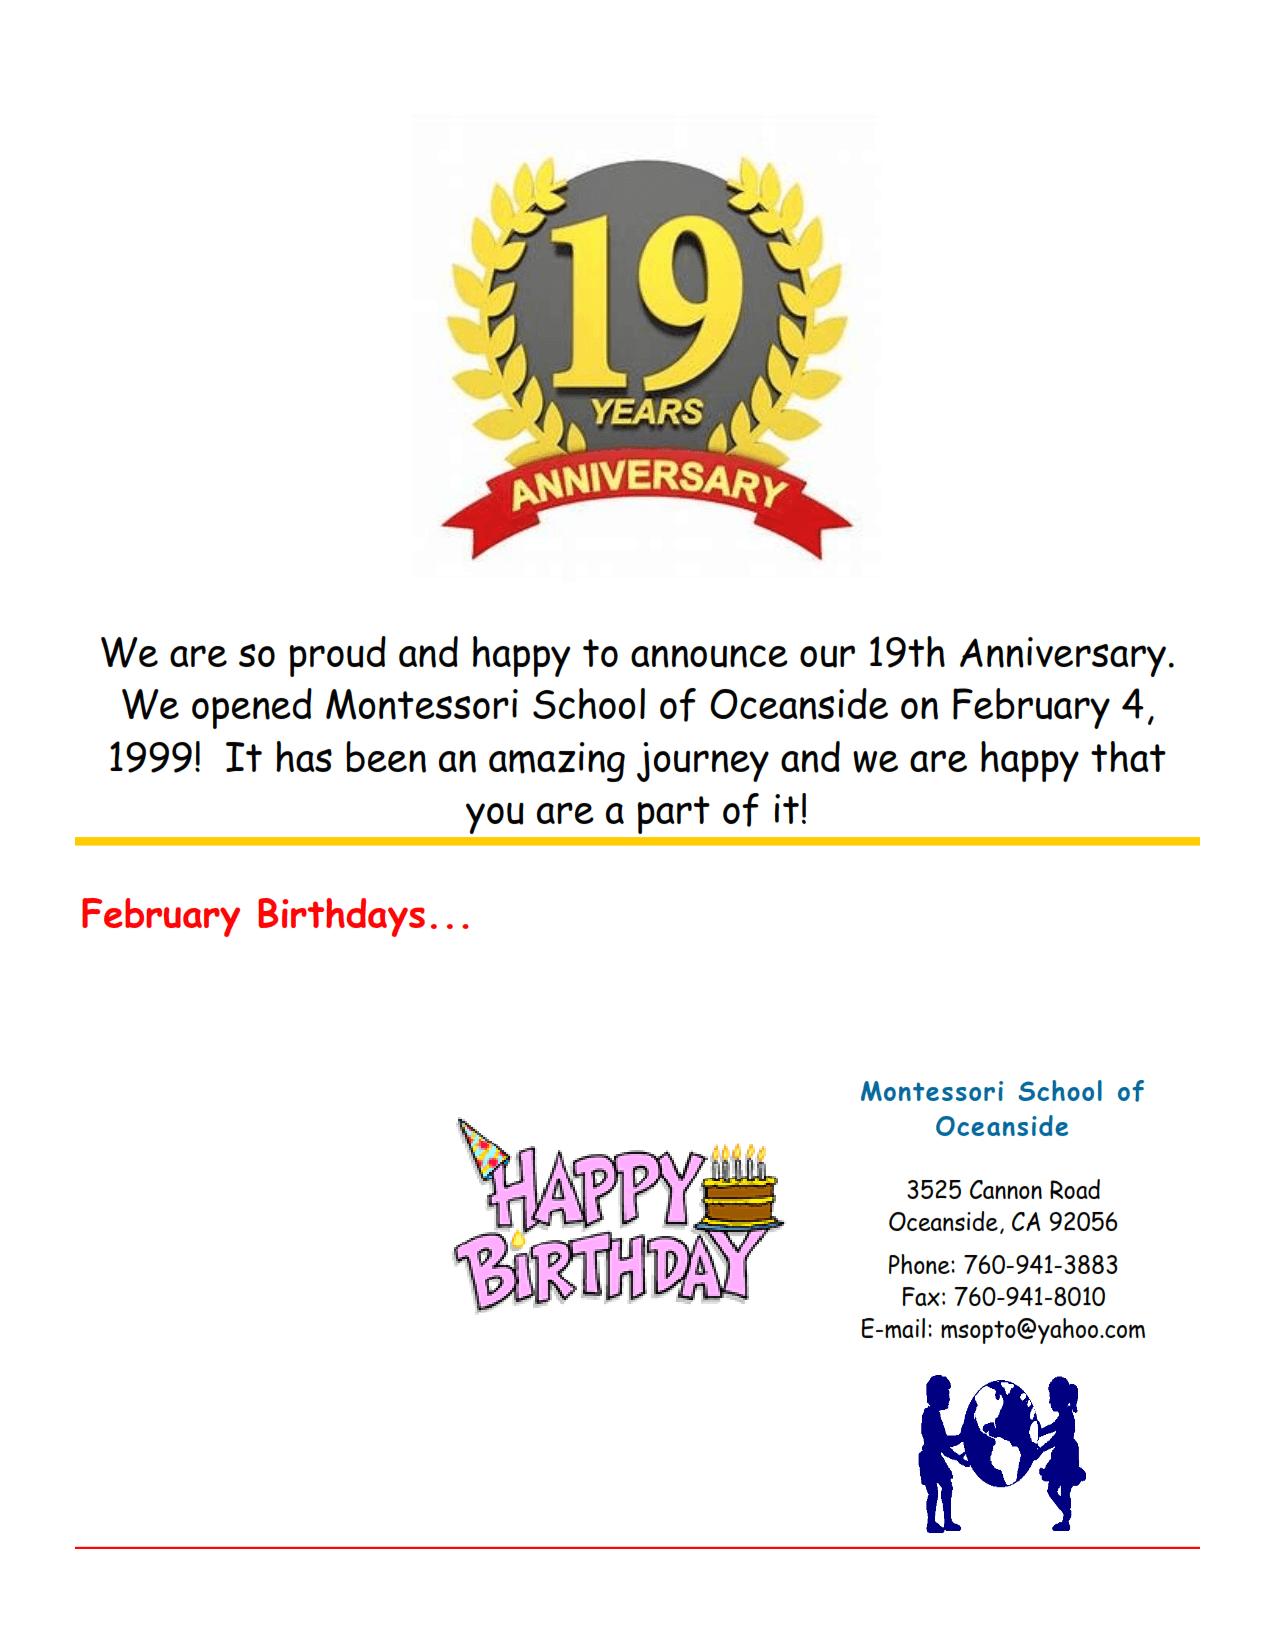 MSO February 2018 Newsletter. 19 years anniversary